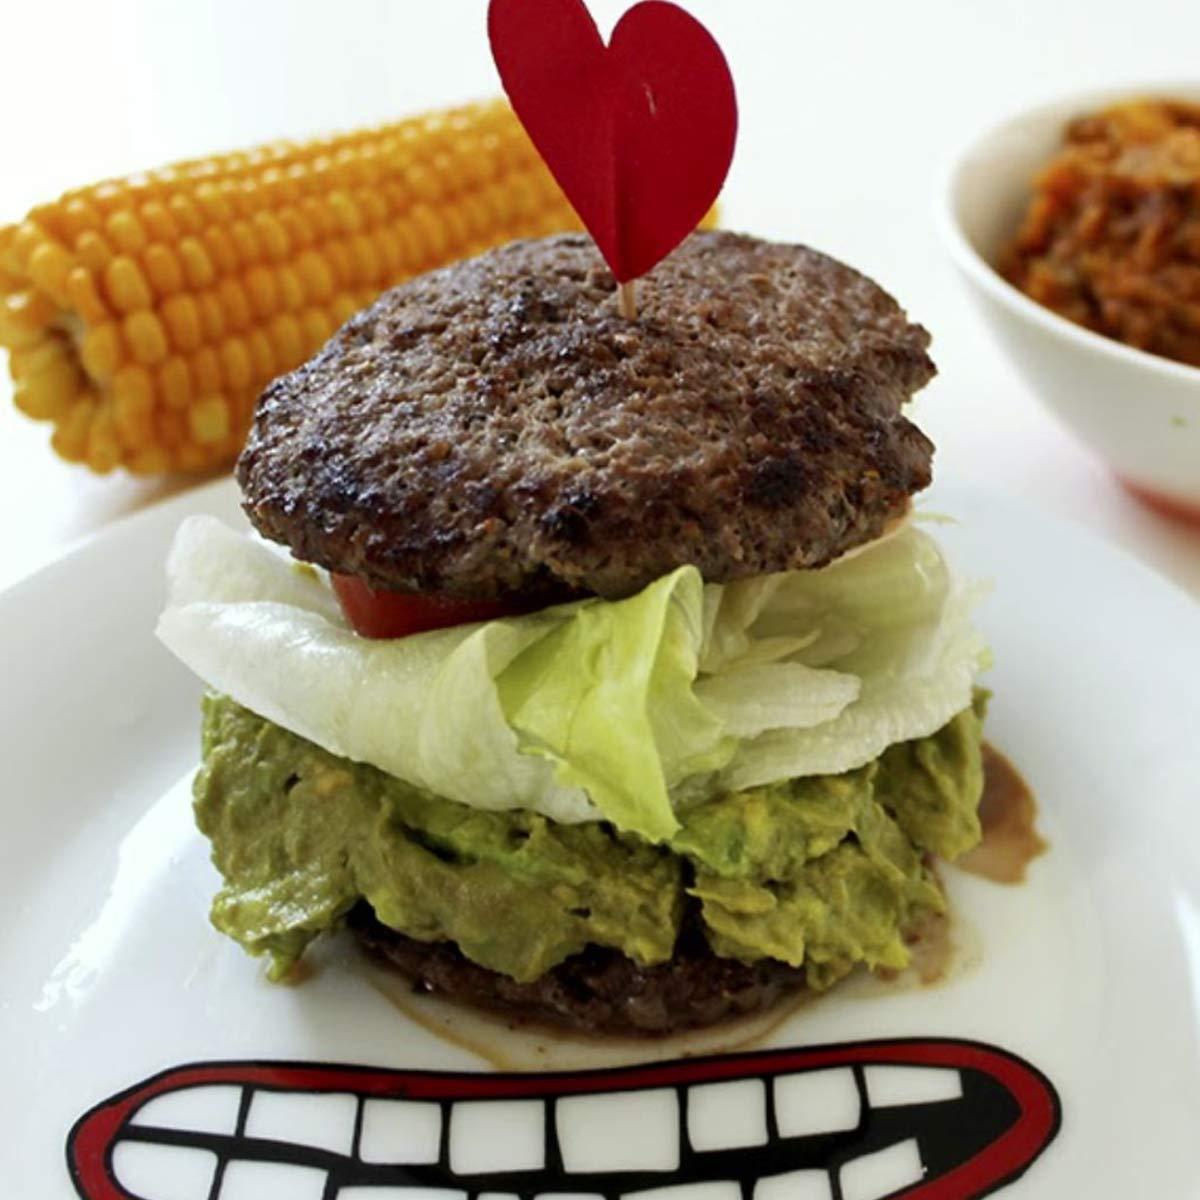 09-goly-burger.jpg